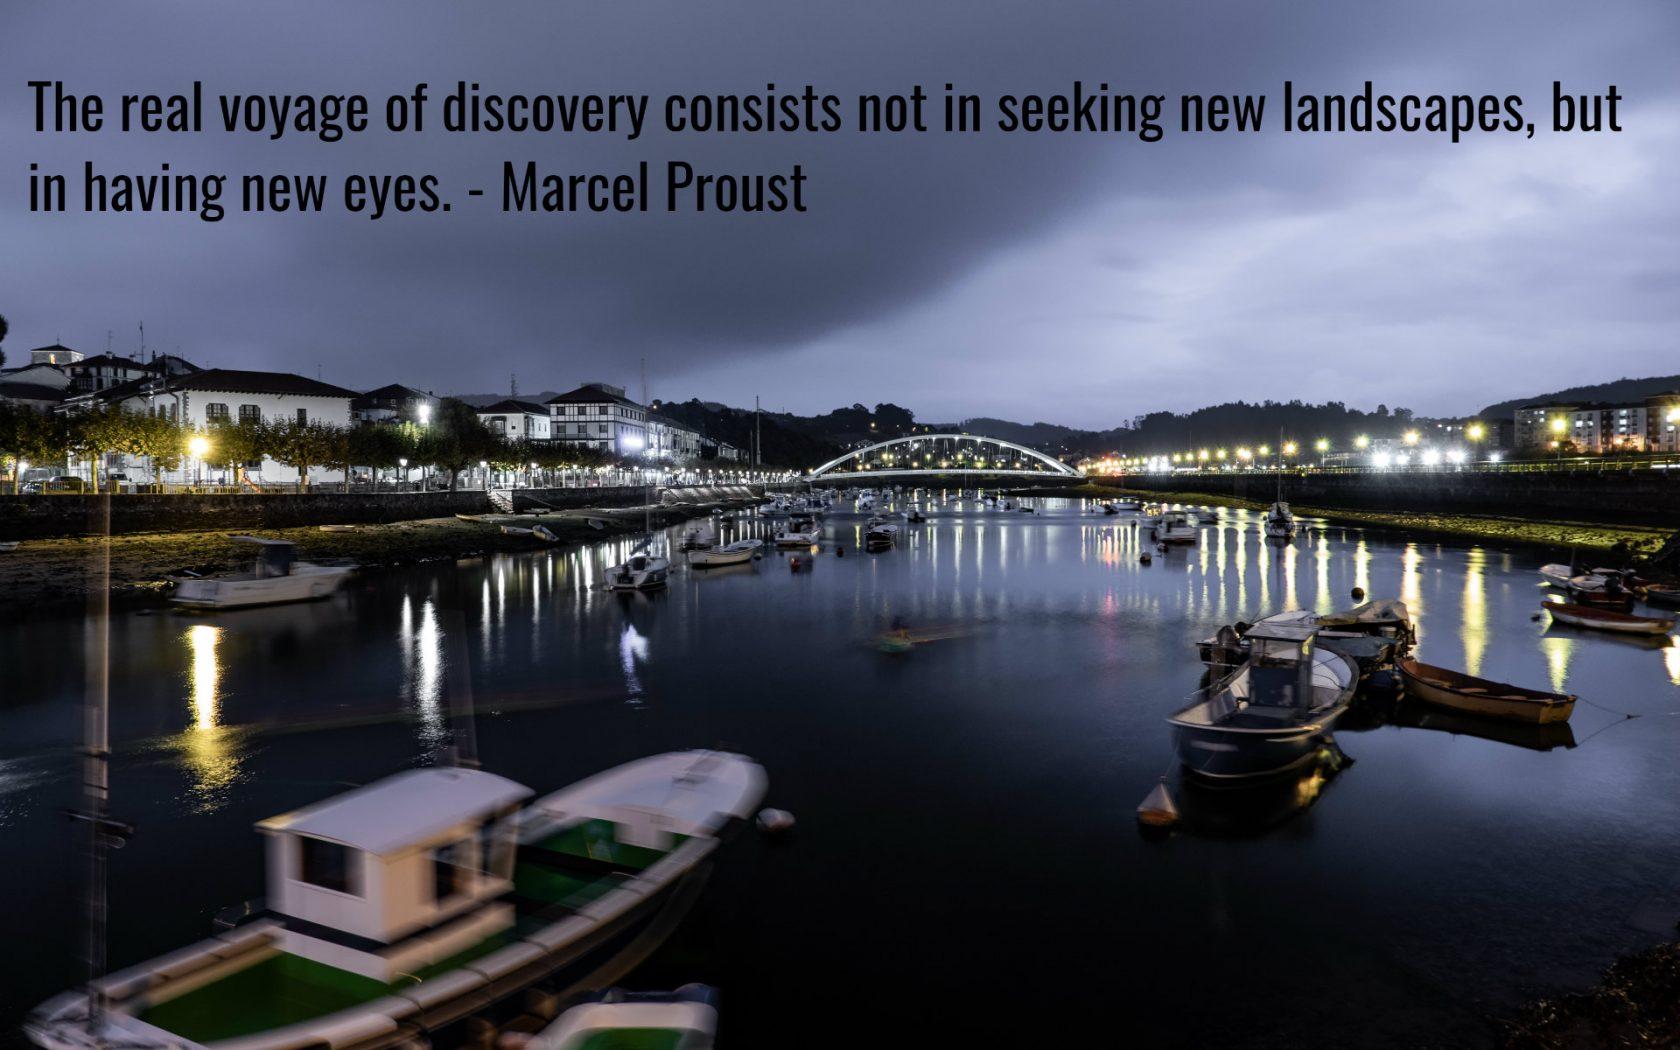 Citation de voyage inspirante de Marcel Proust.